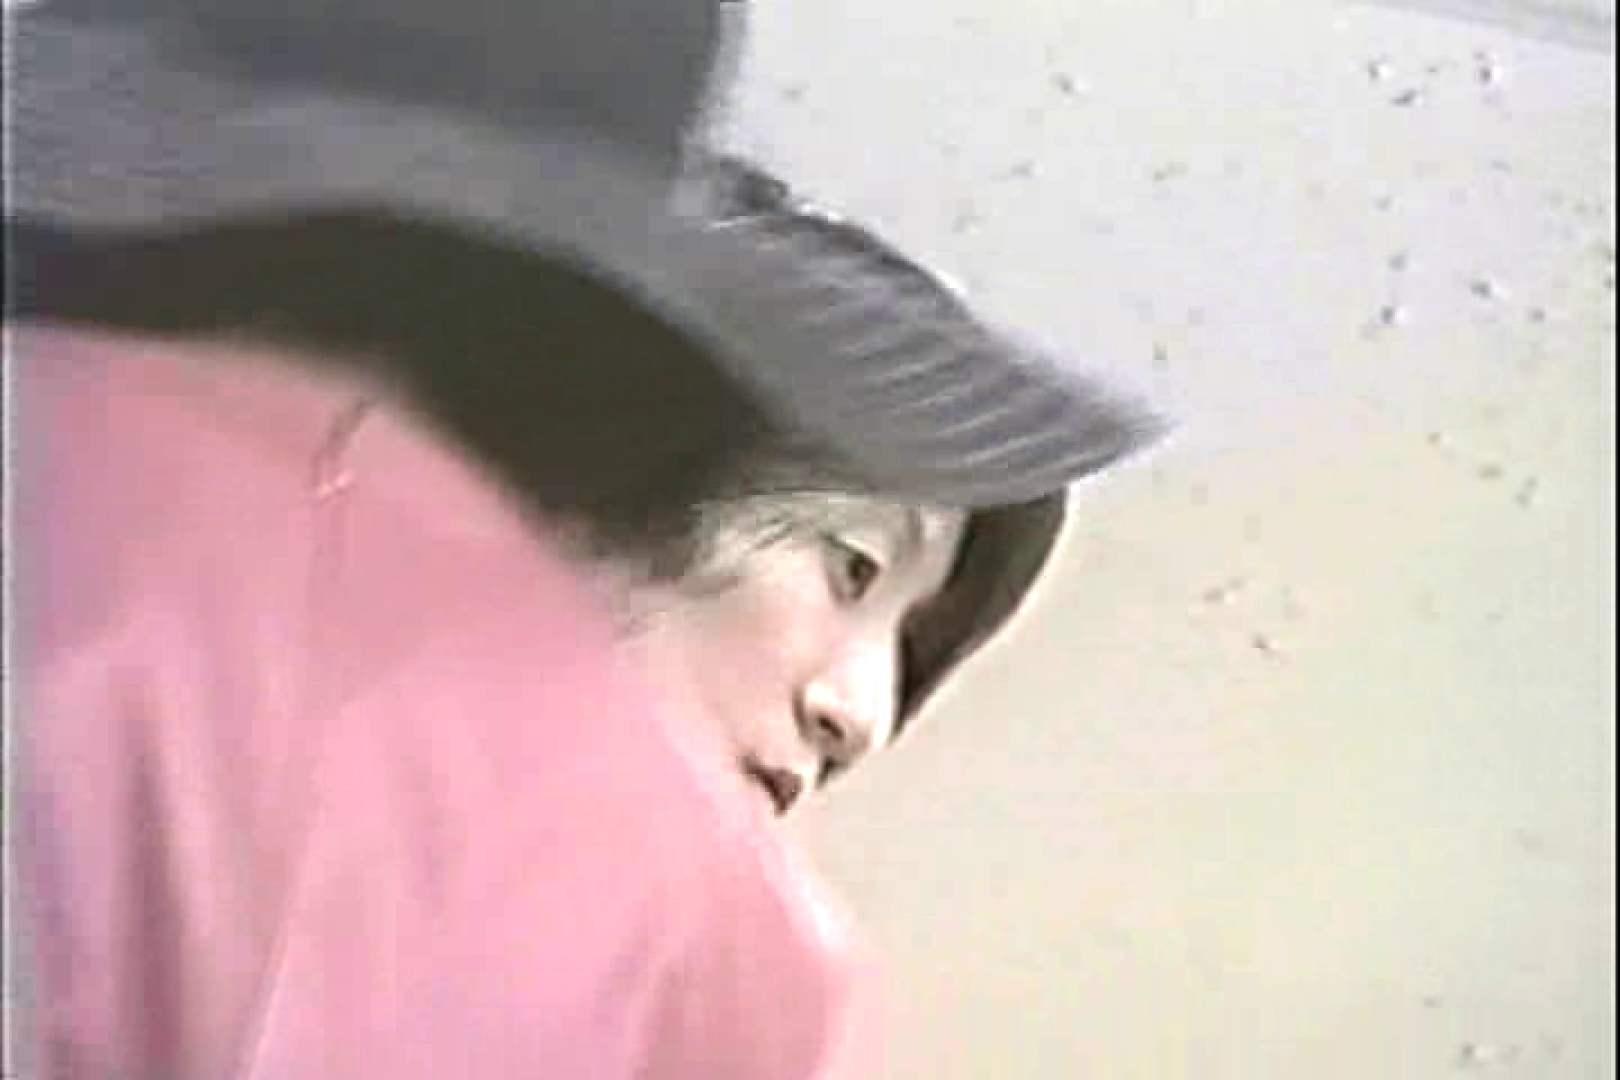 「ちくりん」さんのオリジナル未編集パンチラVol.3_01 レースクイーン  62枚 10